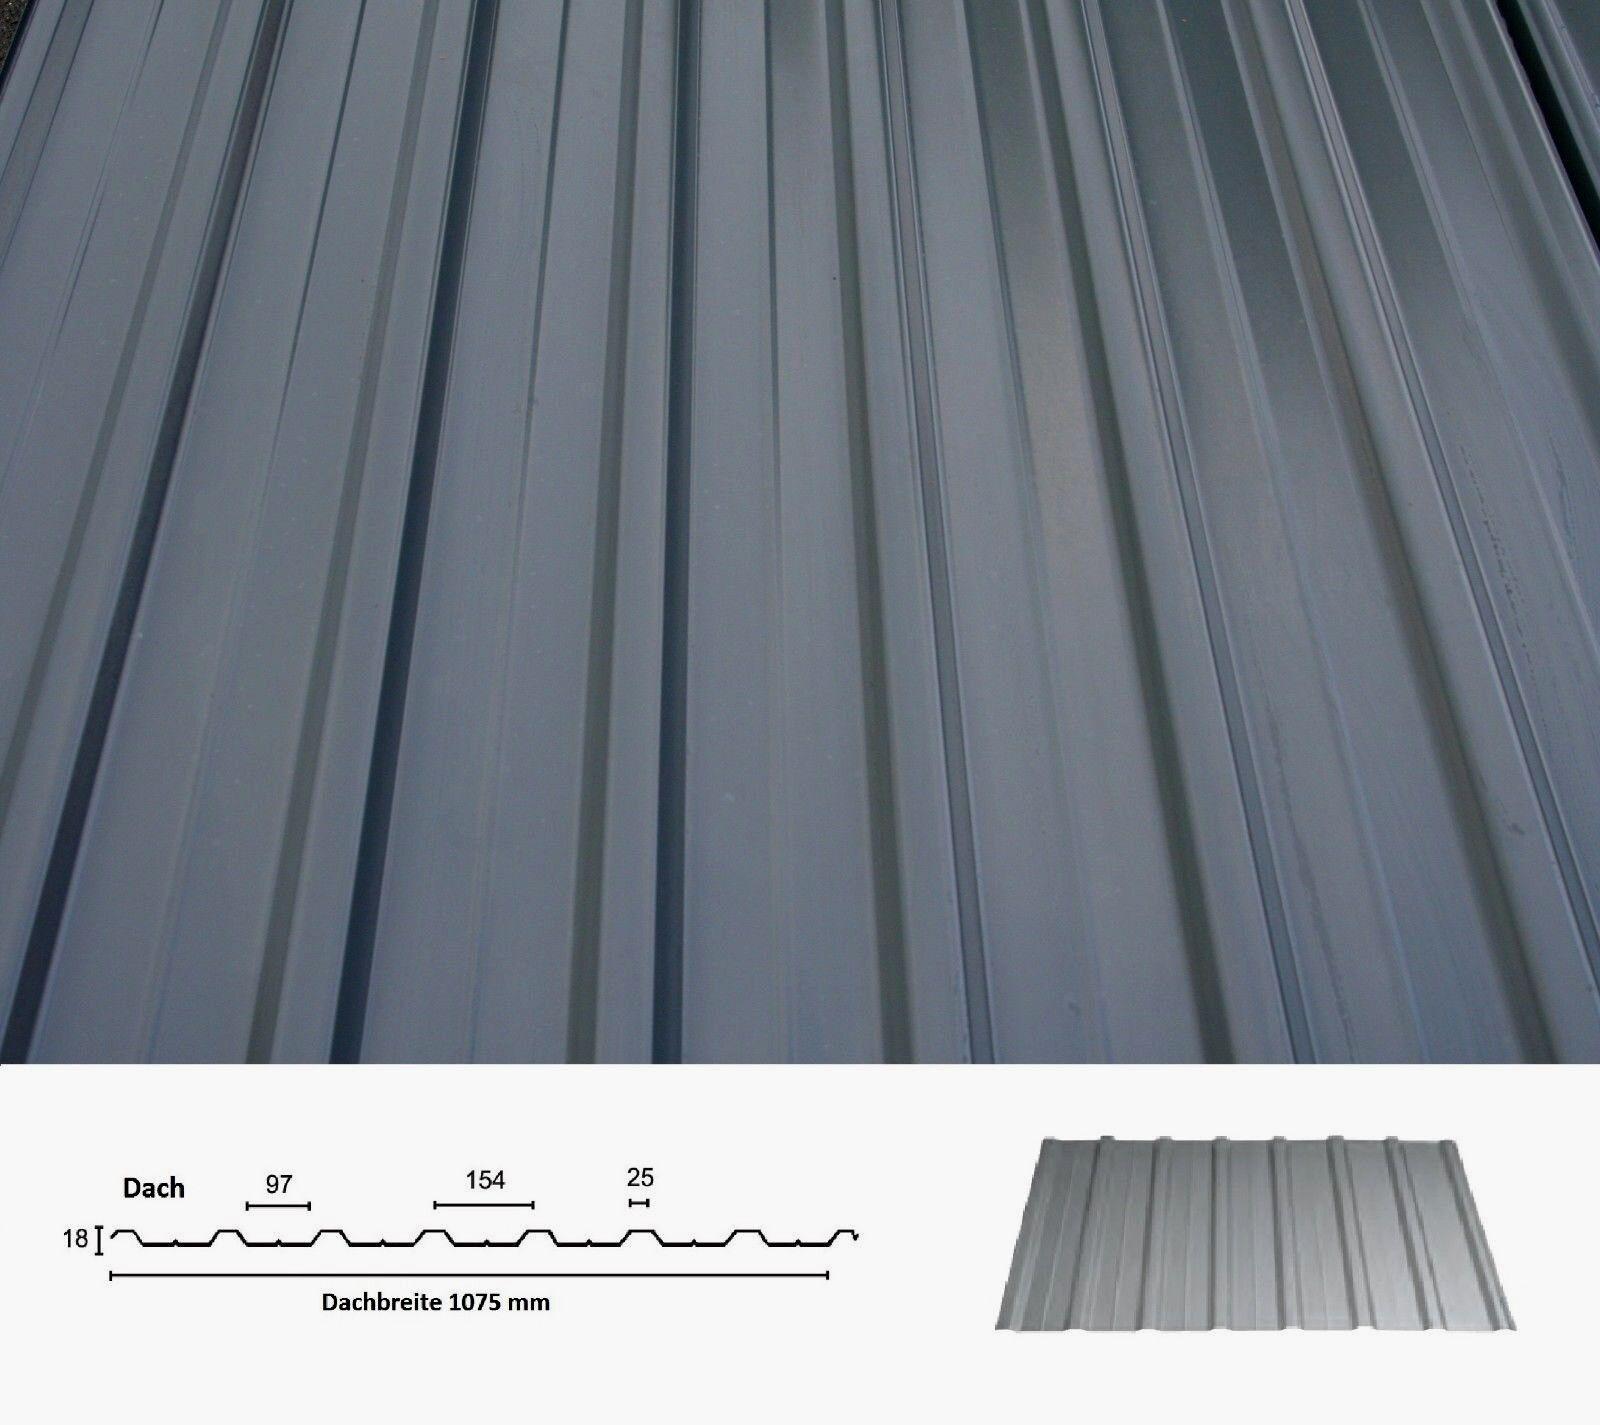 Trapezblech 3,00 m Trapezbleche Profilblech Dachplatte Wandblech Blech 1. Wahl